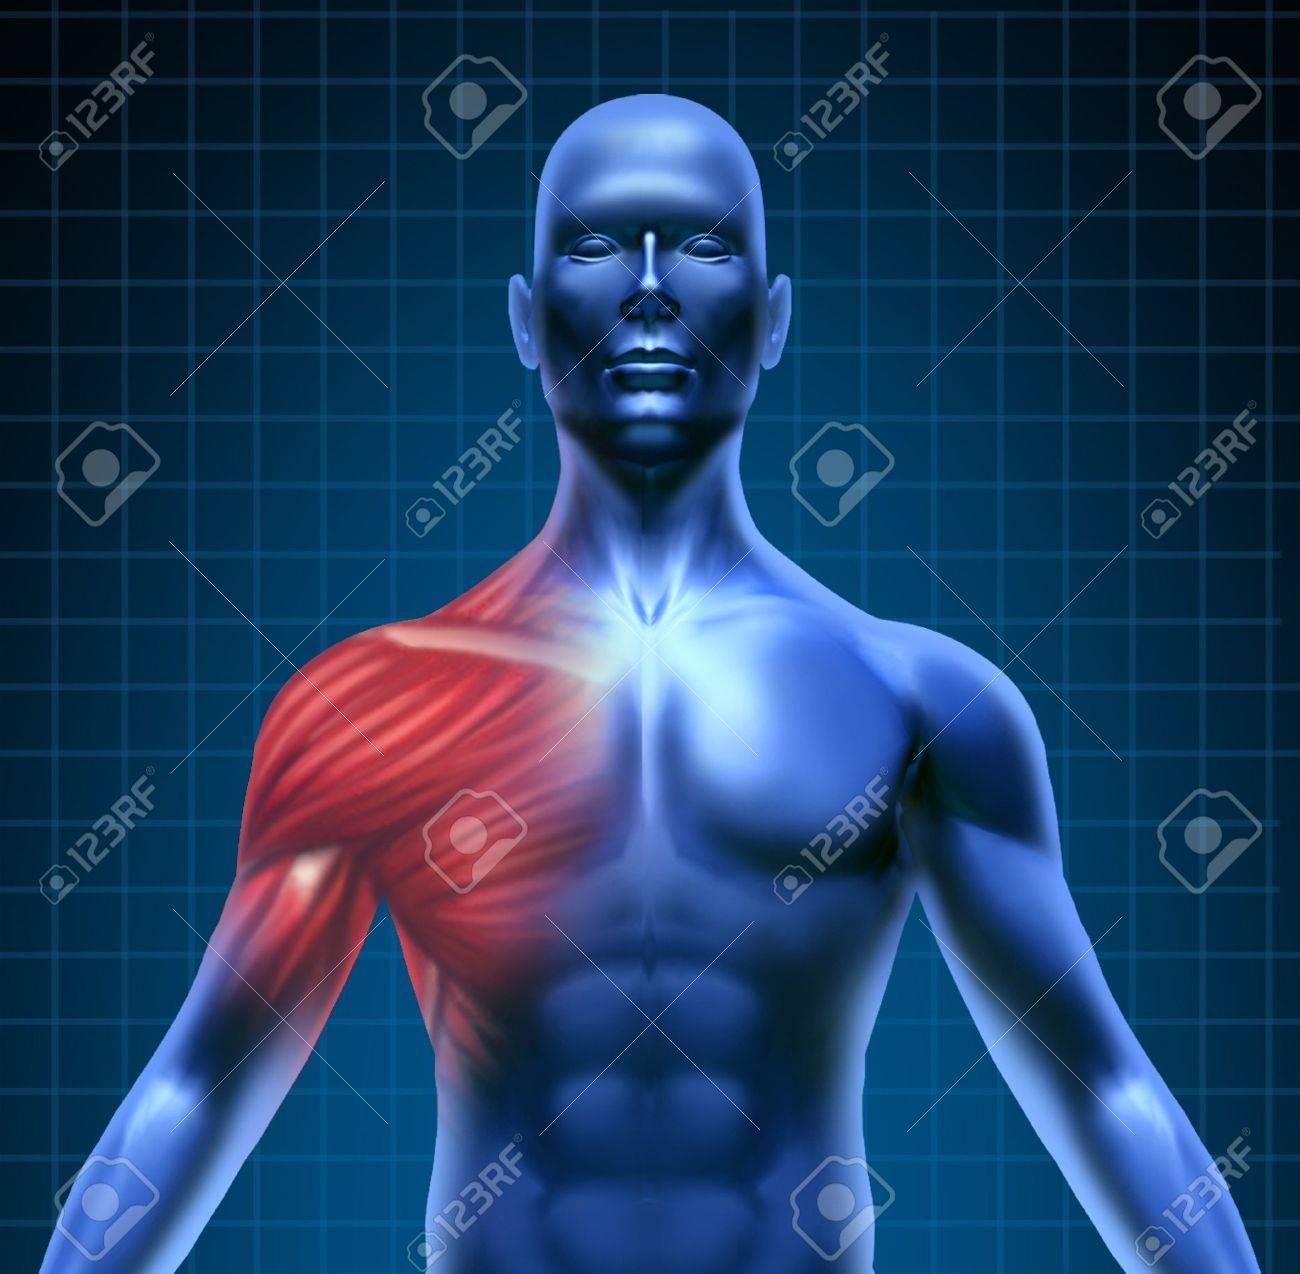 El Dolor Muscular Representado Por Un Concepto Azul Humano Con La ...